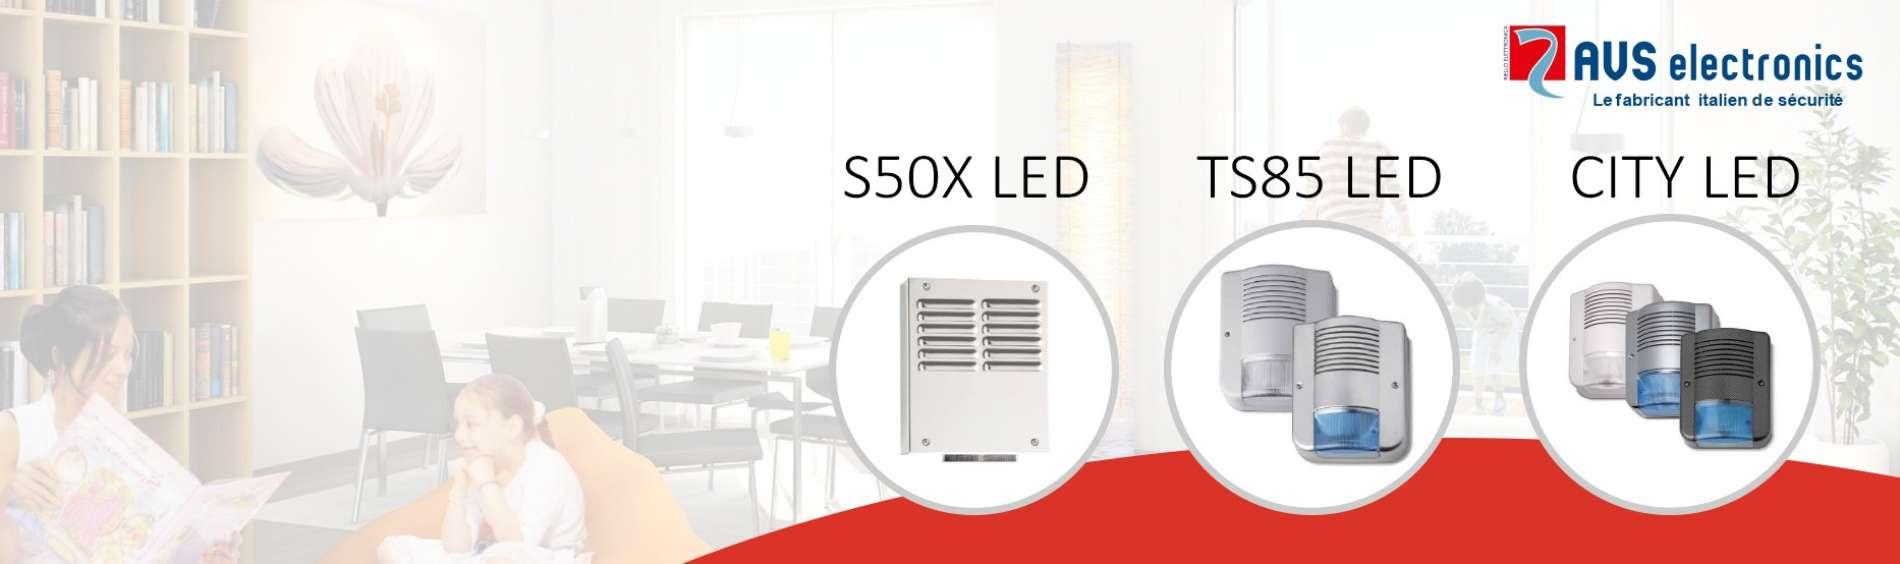 AVS Electronics <br> Découvrez nos nouvelles sirènes, Alliance de qualités et de design.